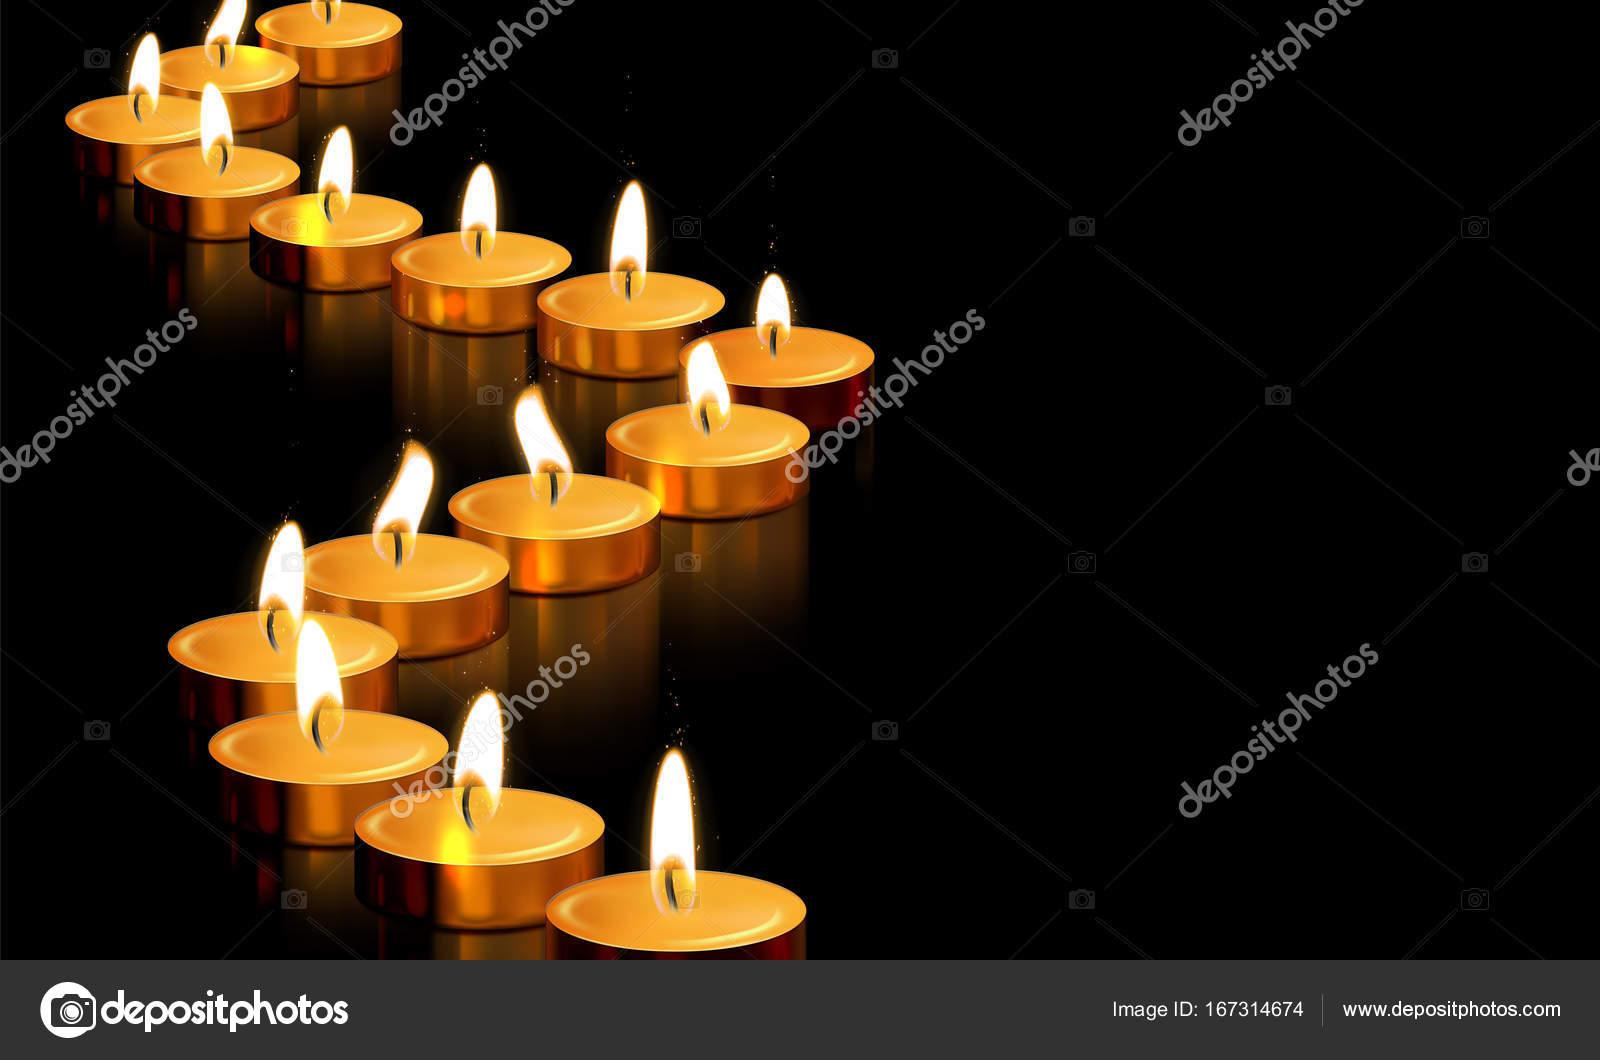 Candle gold tealight light vector golden memorial prayer 3D